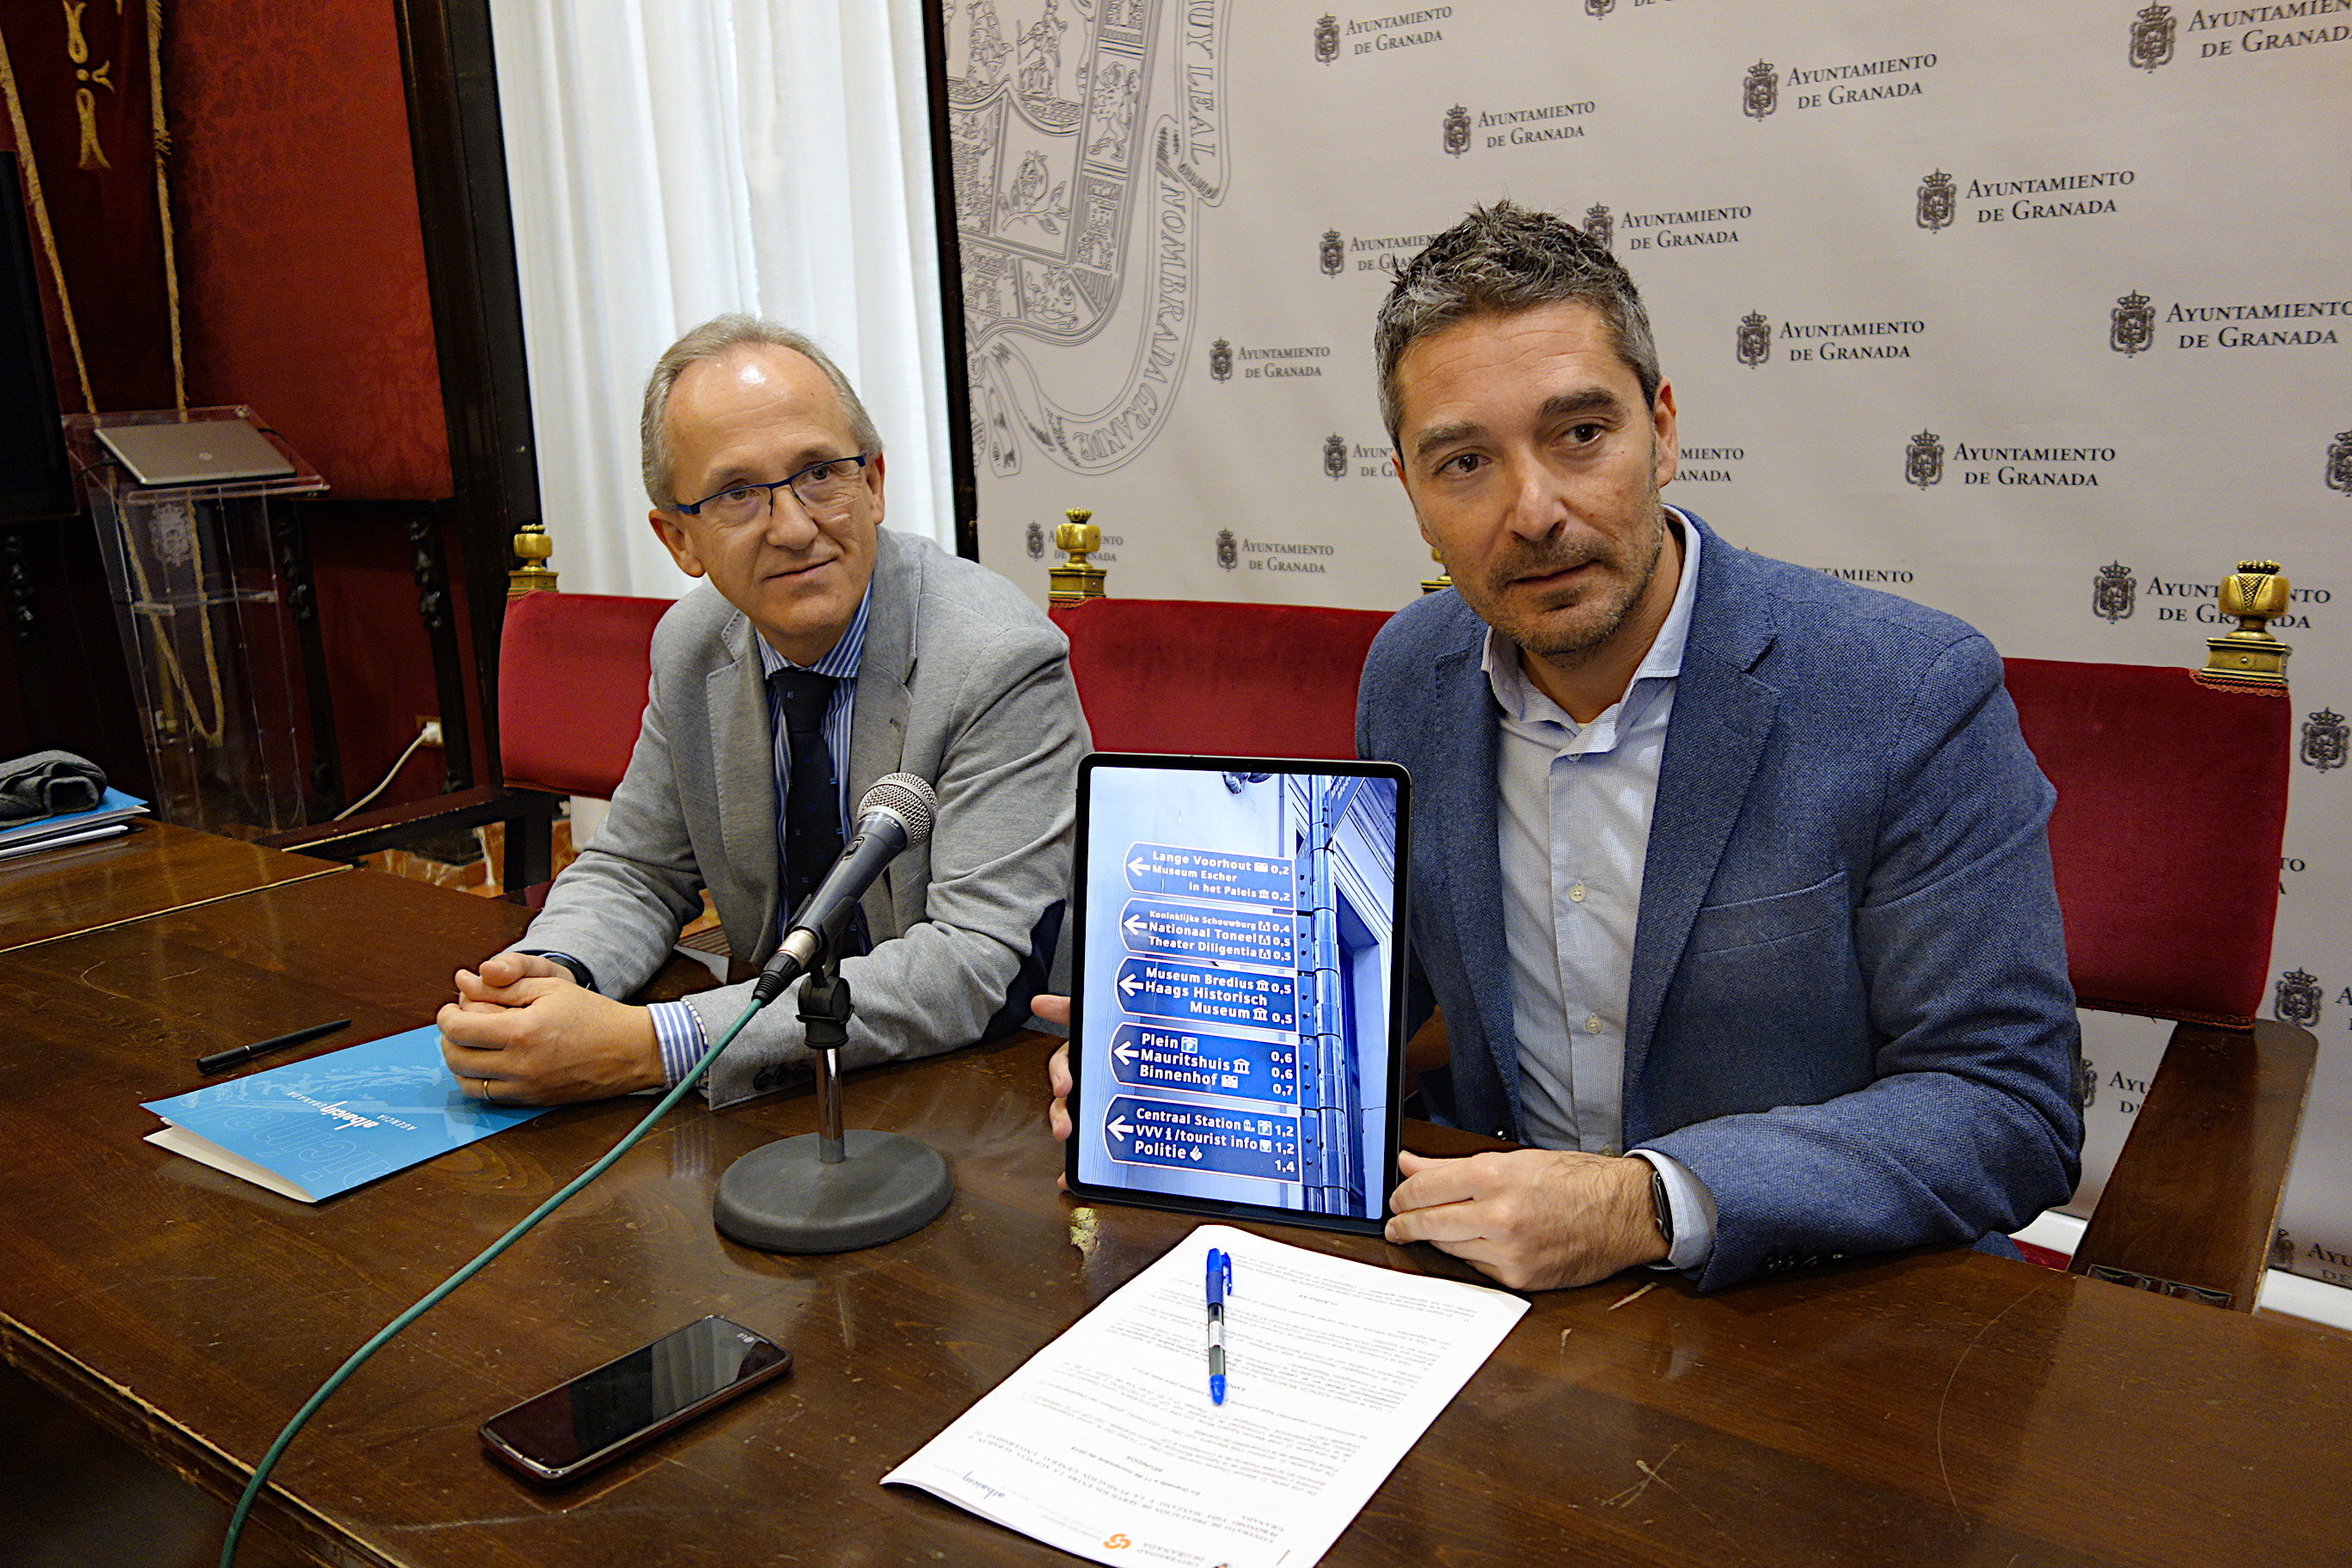 Ayuntamiento y UGR se unen para embellecer el casco histórico con señalética europea